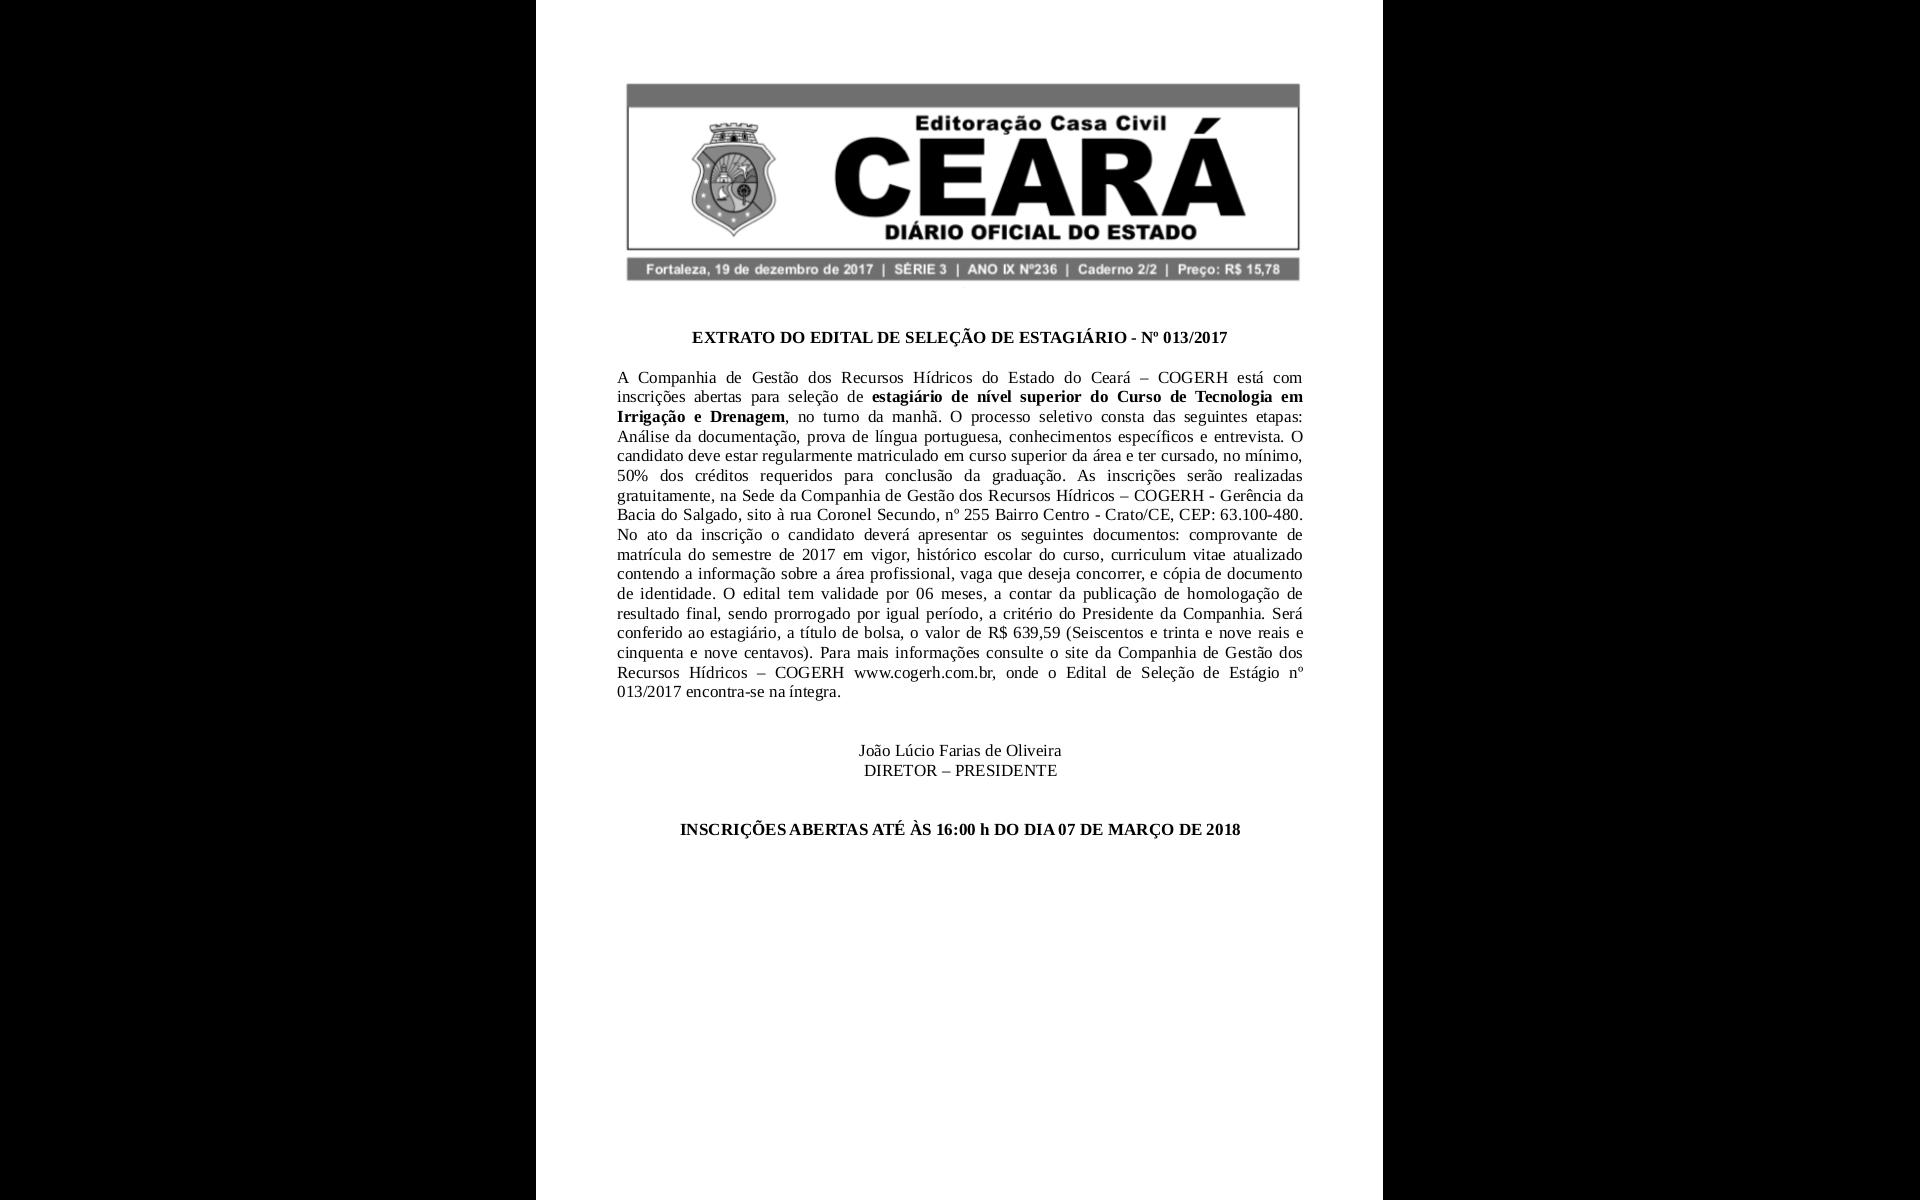 EXTRATO DO EDITAL DE SELEÇÃO DE ESTAGIÁRIO – No 013/2017